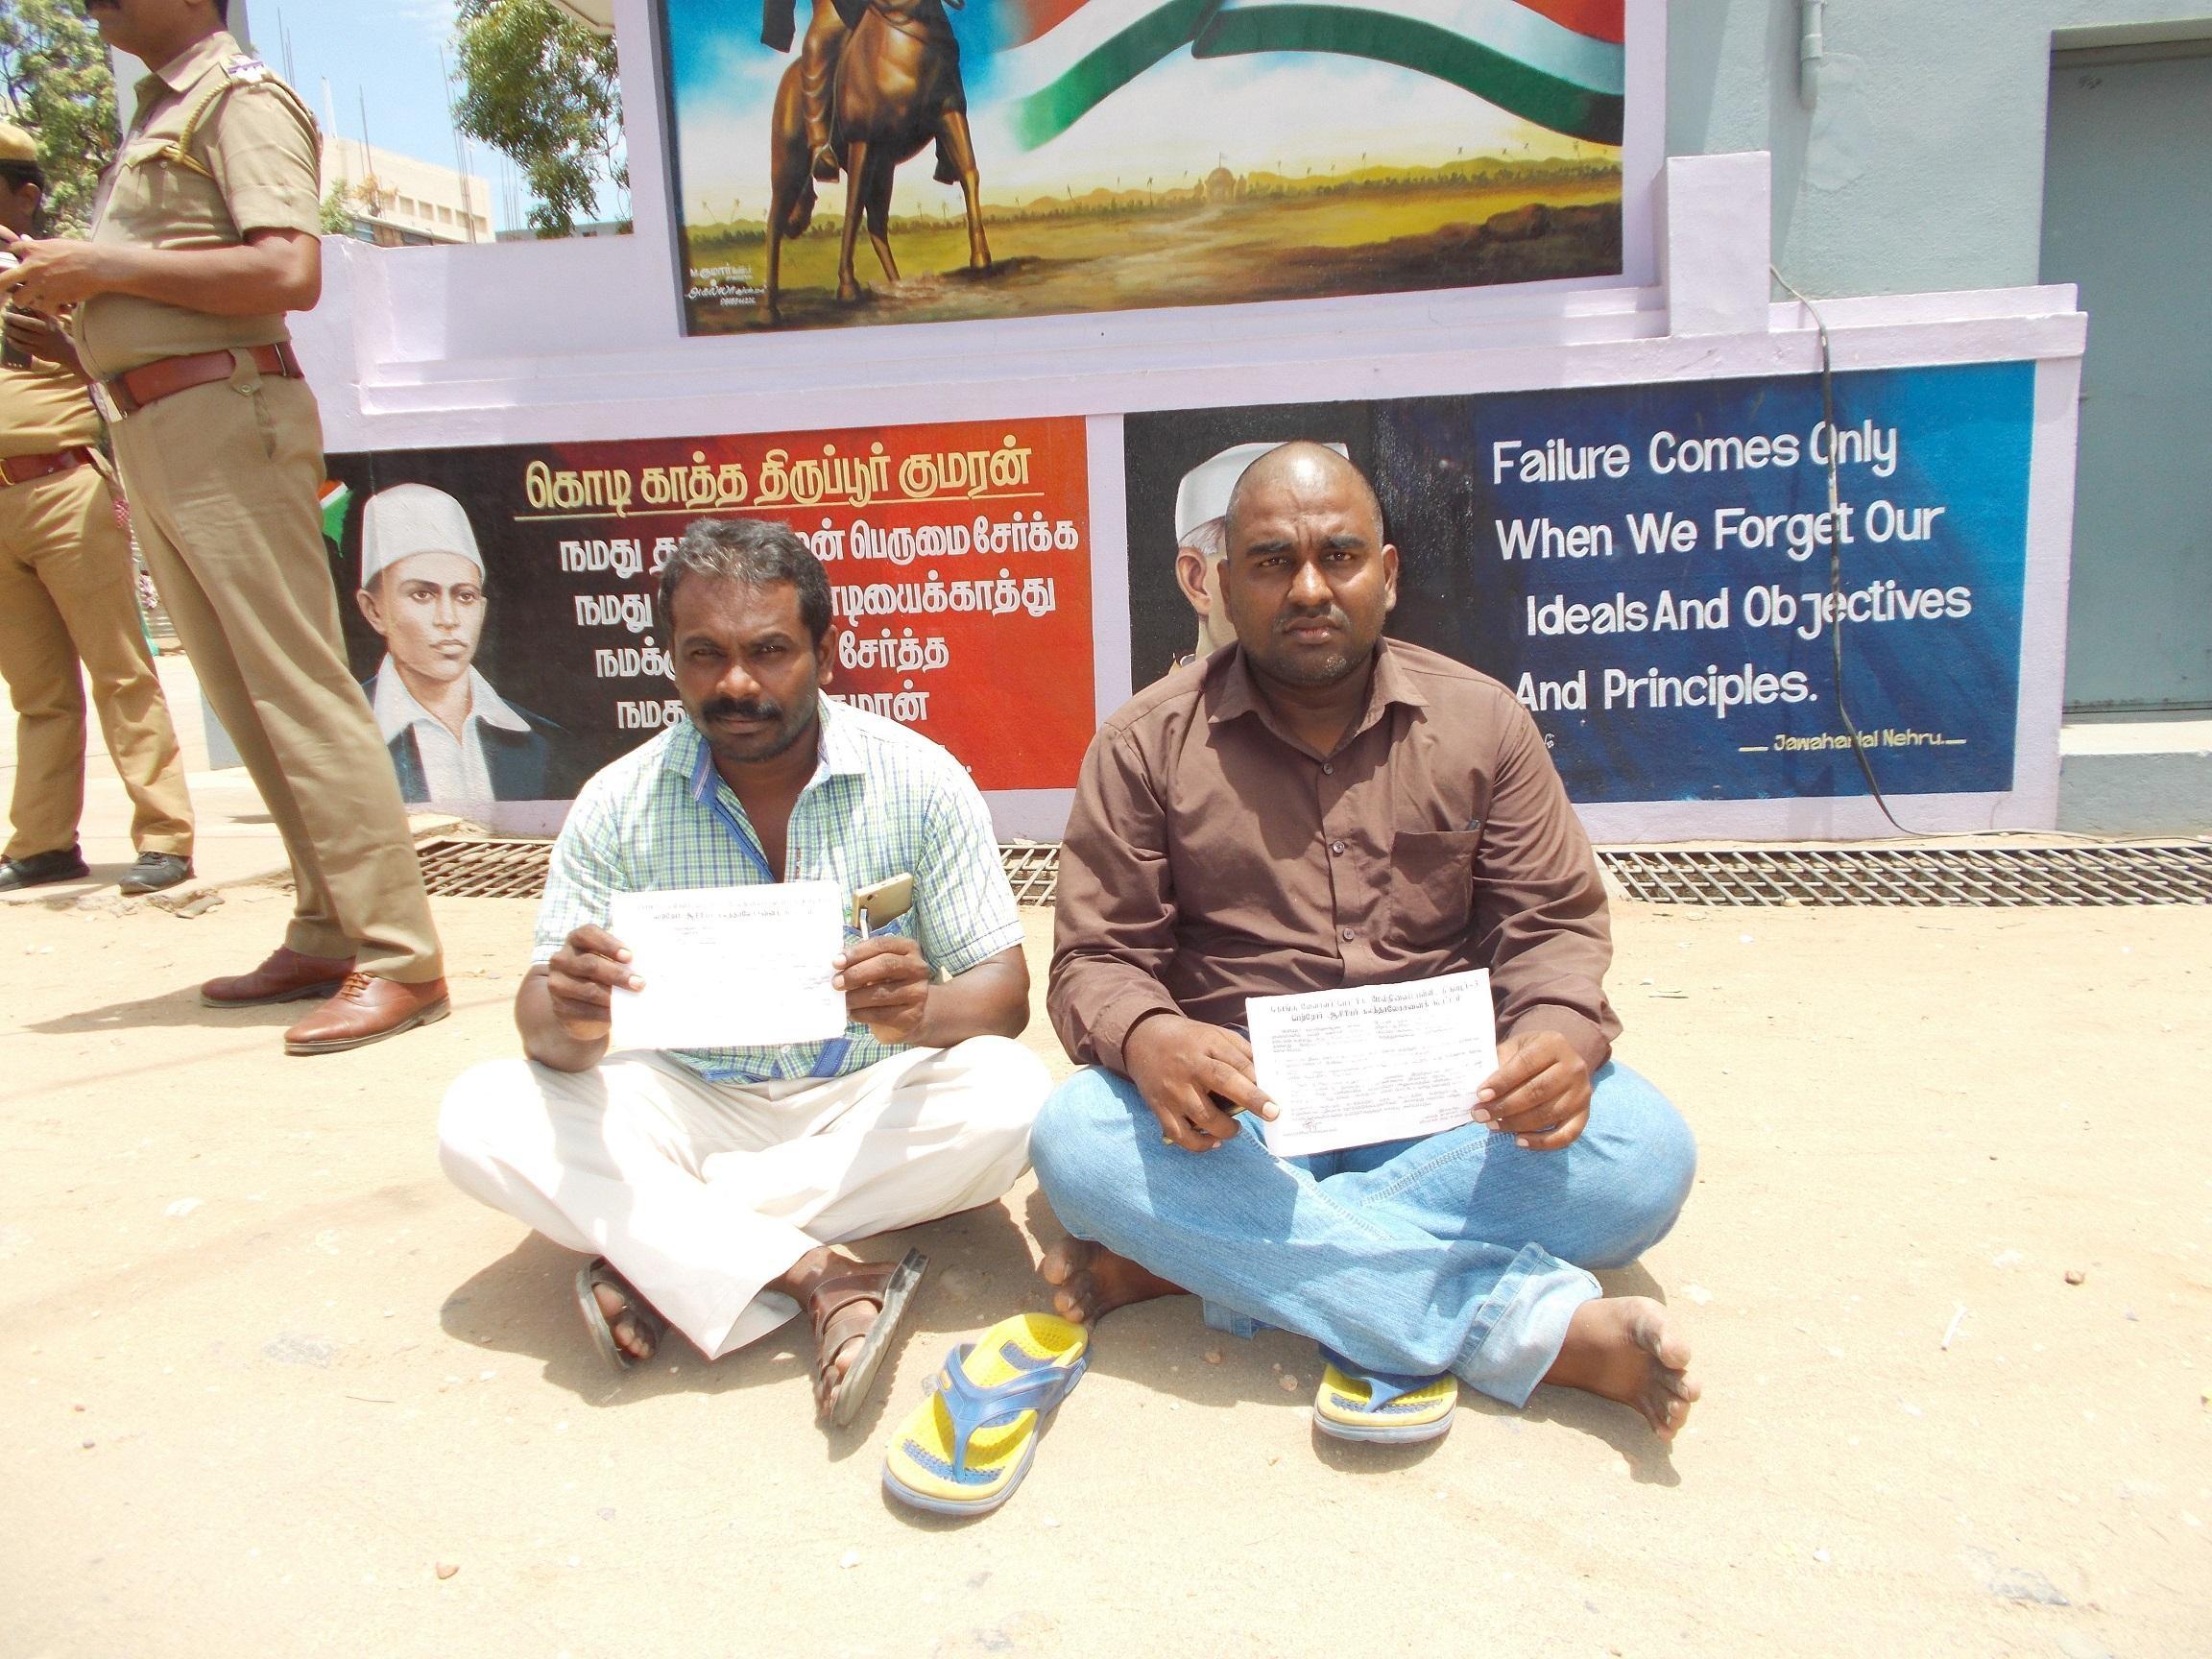 பள்ளியின் முன்பு தர்ணா போராட்டத்தில் ஈடுபட்ட பெற்றோர்